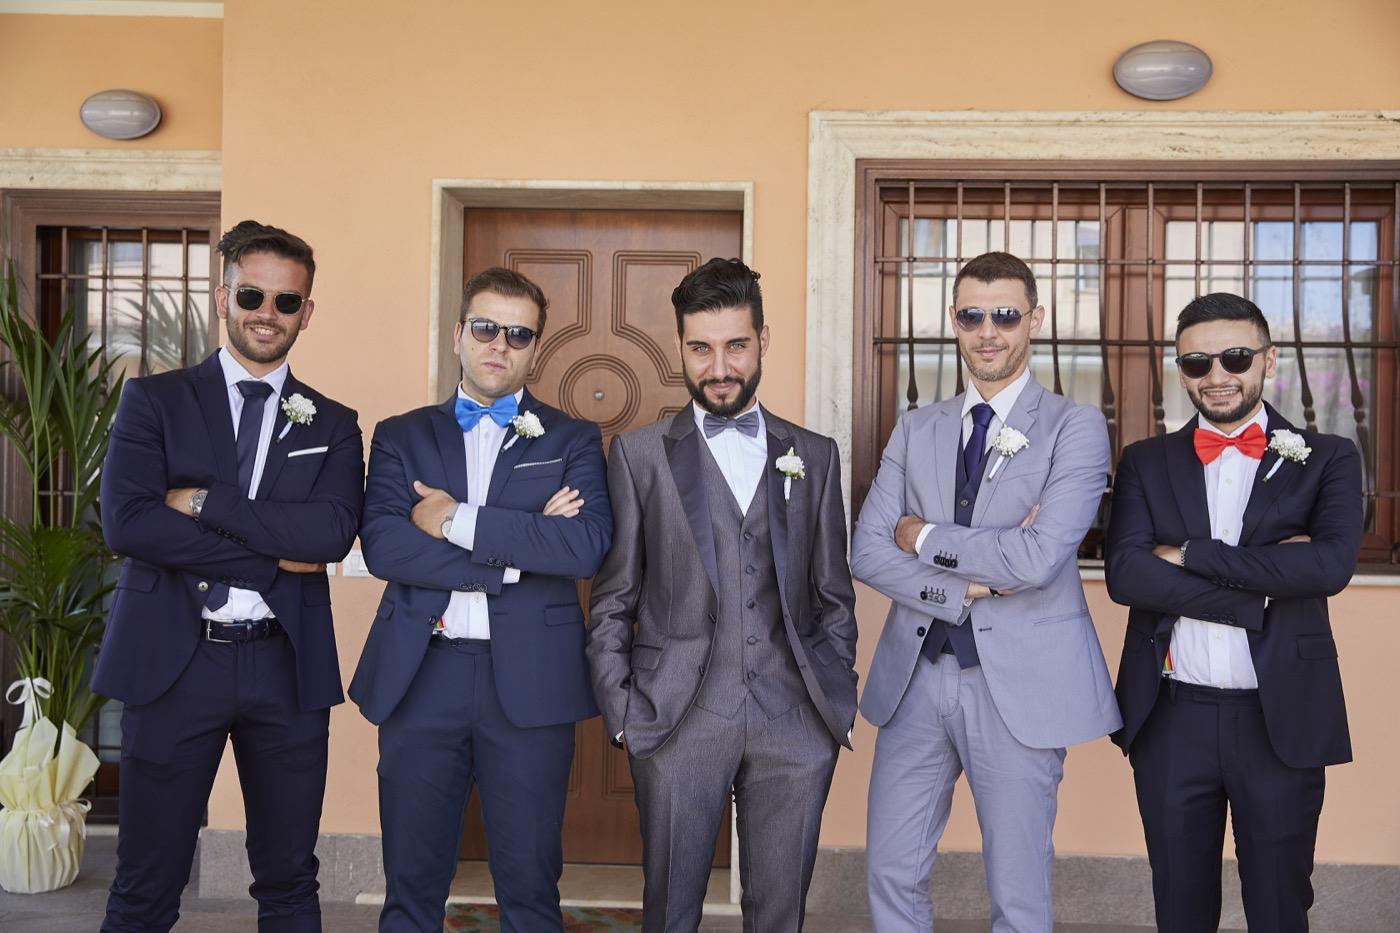 Claudio-Coppola-wedding-photographer-villa-del-cardinale-rocca-di-papa-castel-gandolfo-14